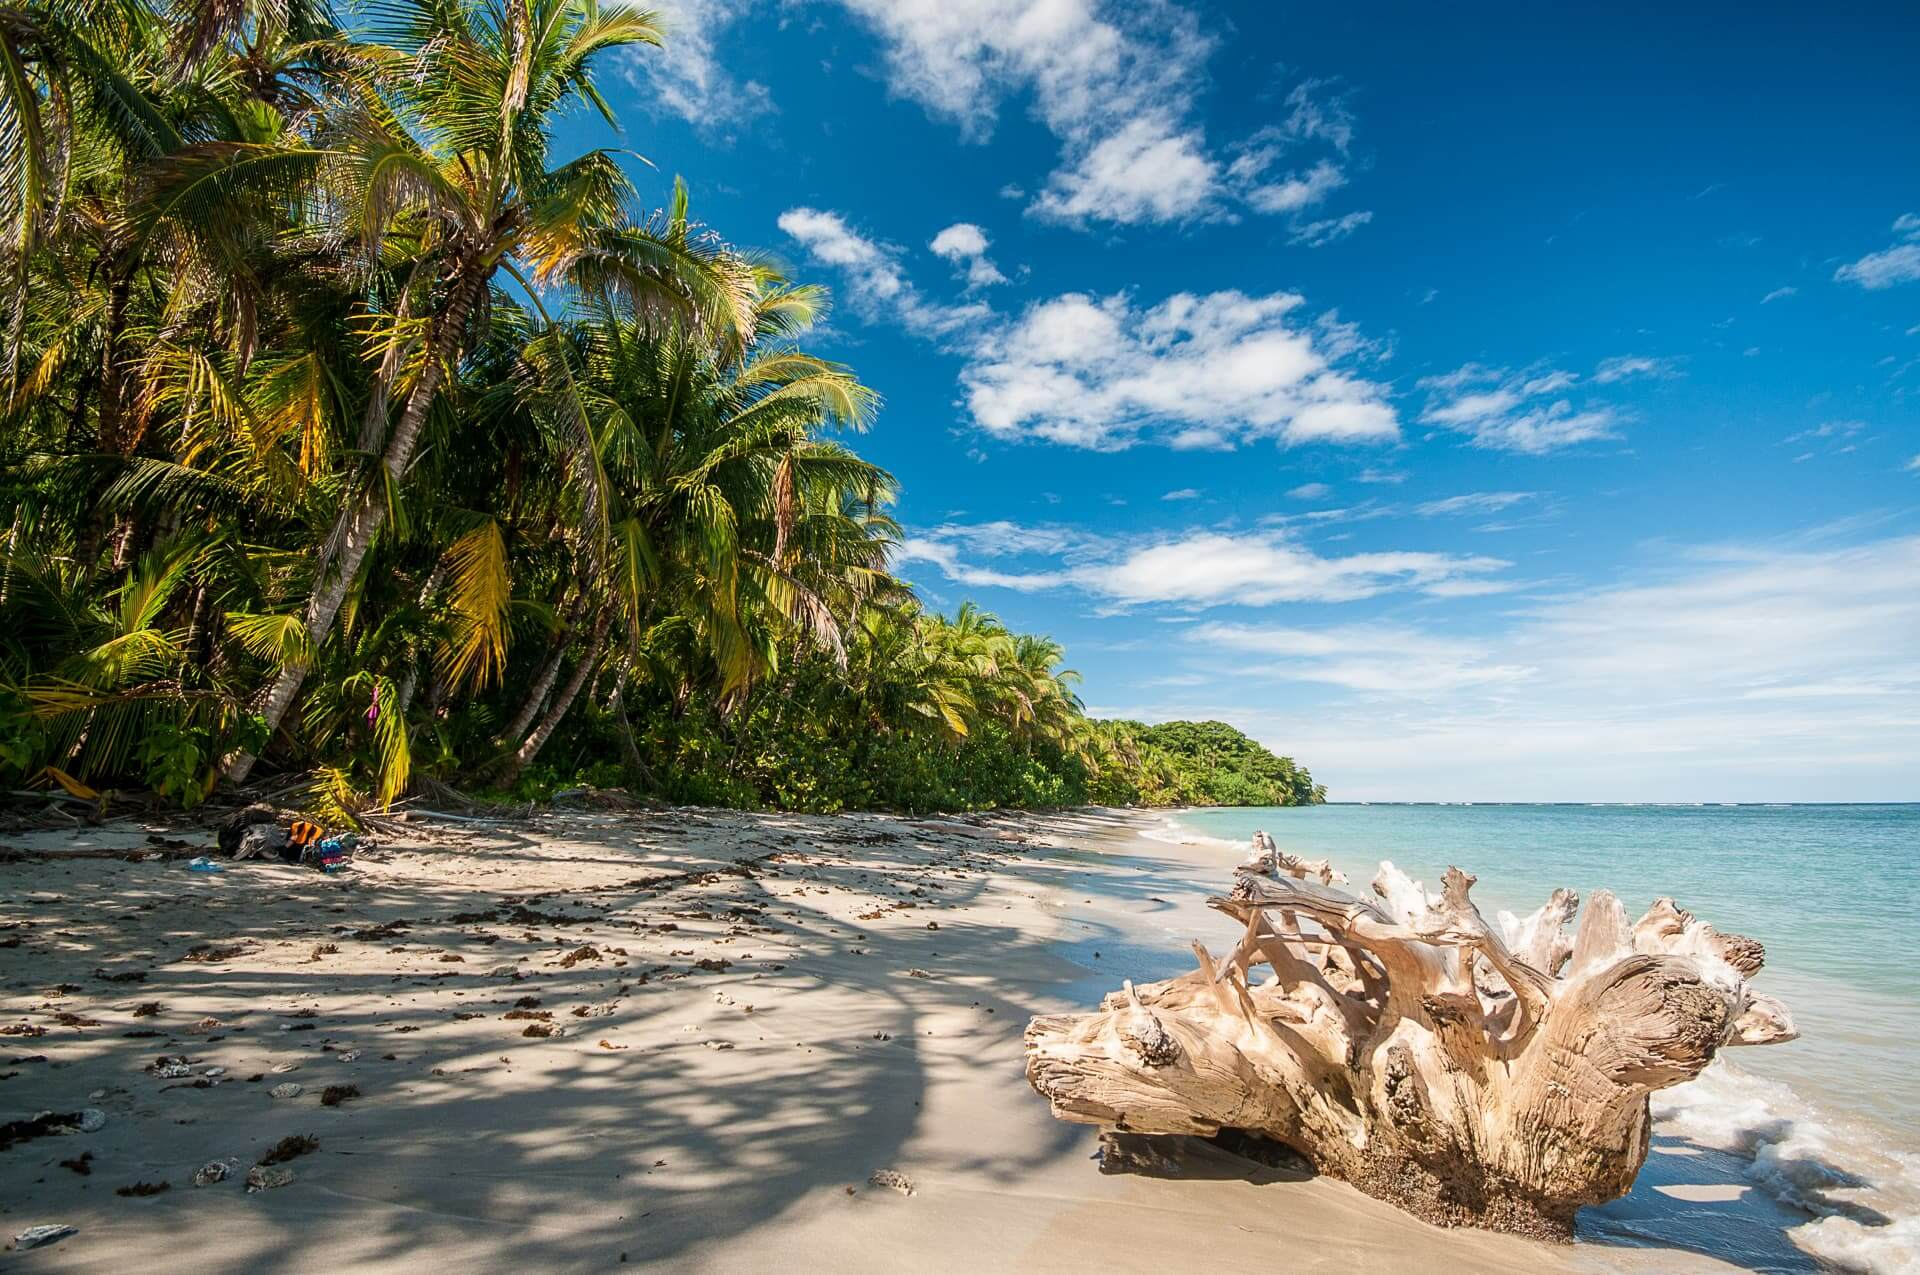 couv puerto limon - Les globe blogueurs - blog voyage nature